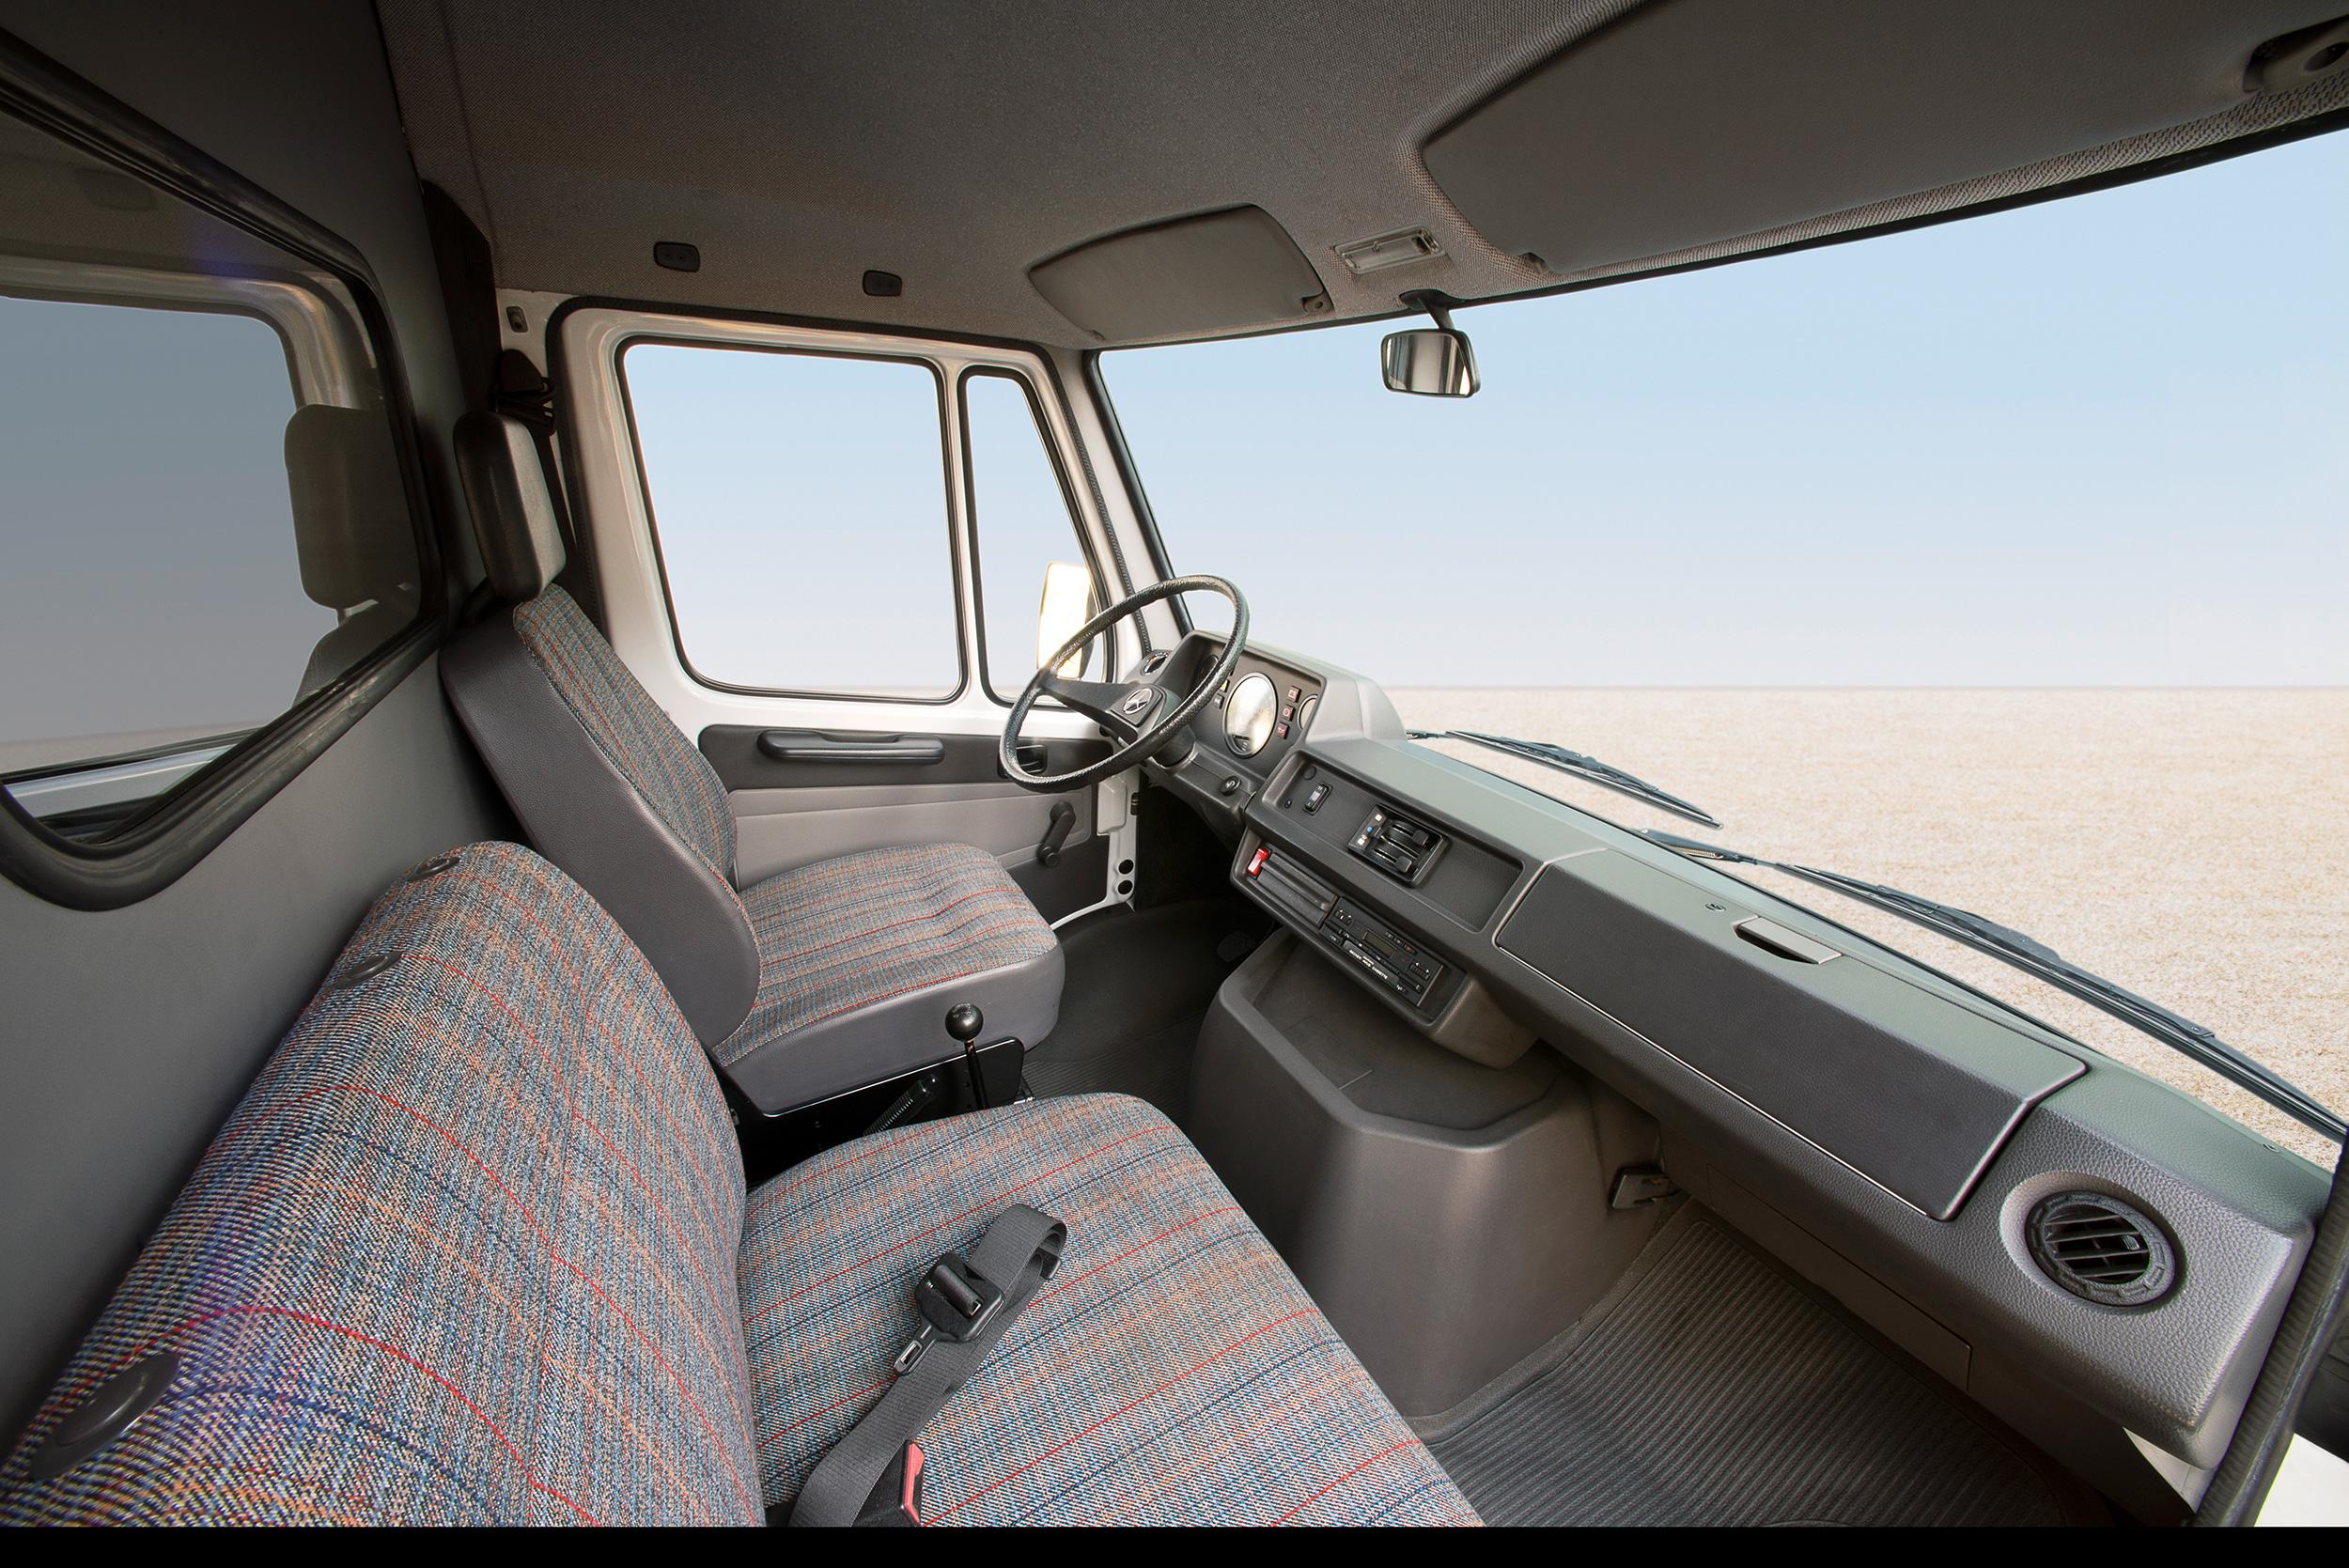 Mercedes-Benz T1 interior